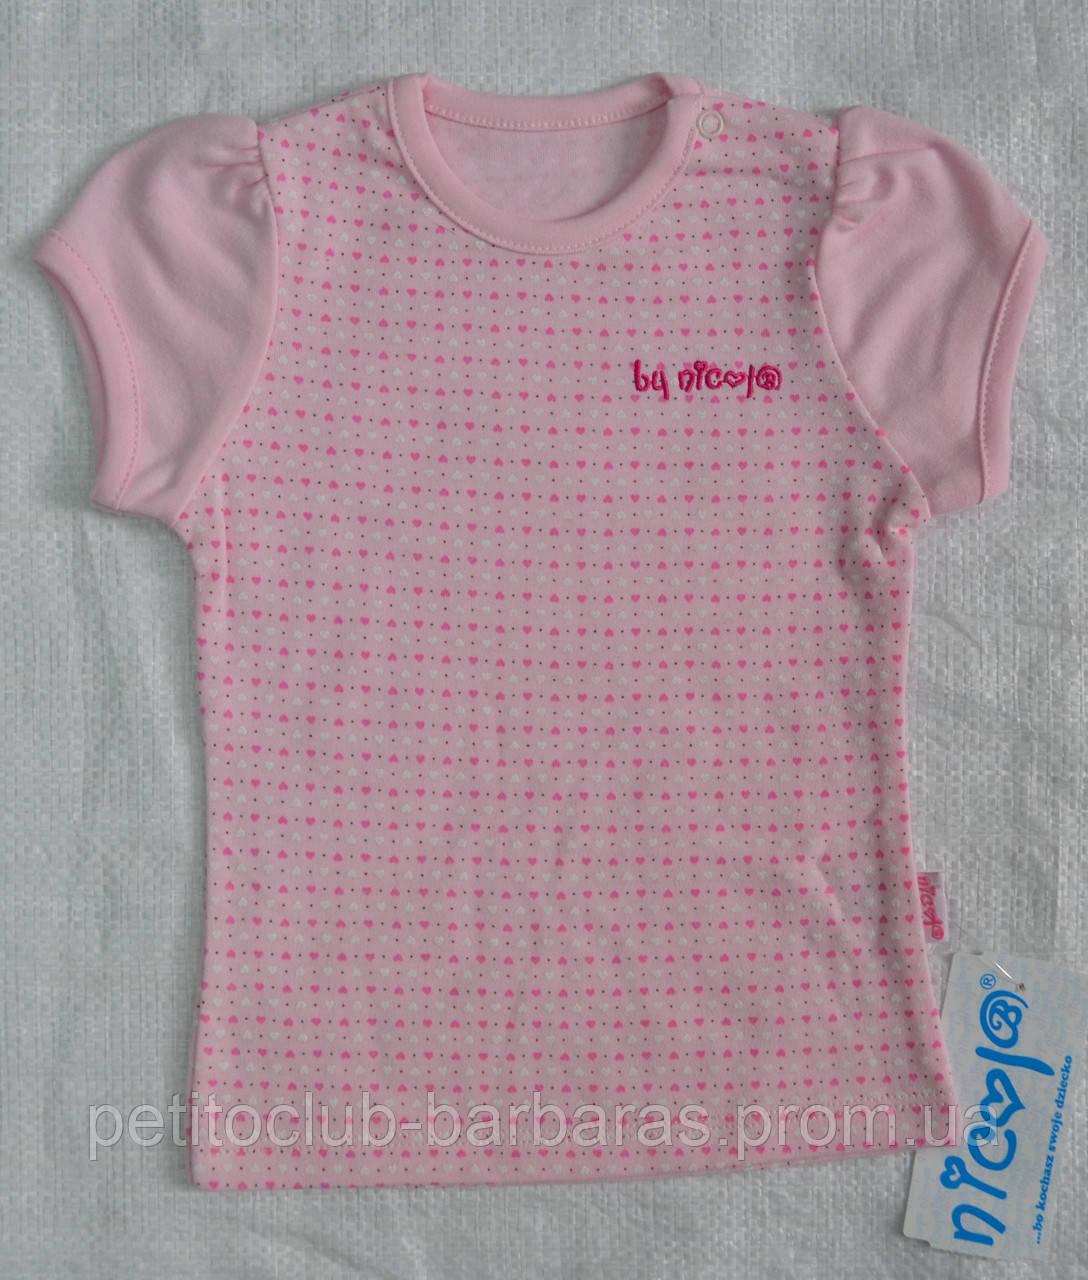 Детская футболка для девочки розовая р. 80-92 см (Nicol, Польша)